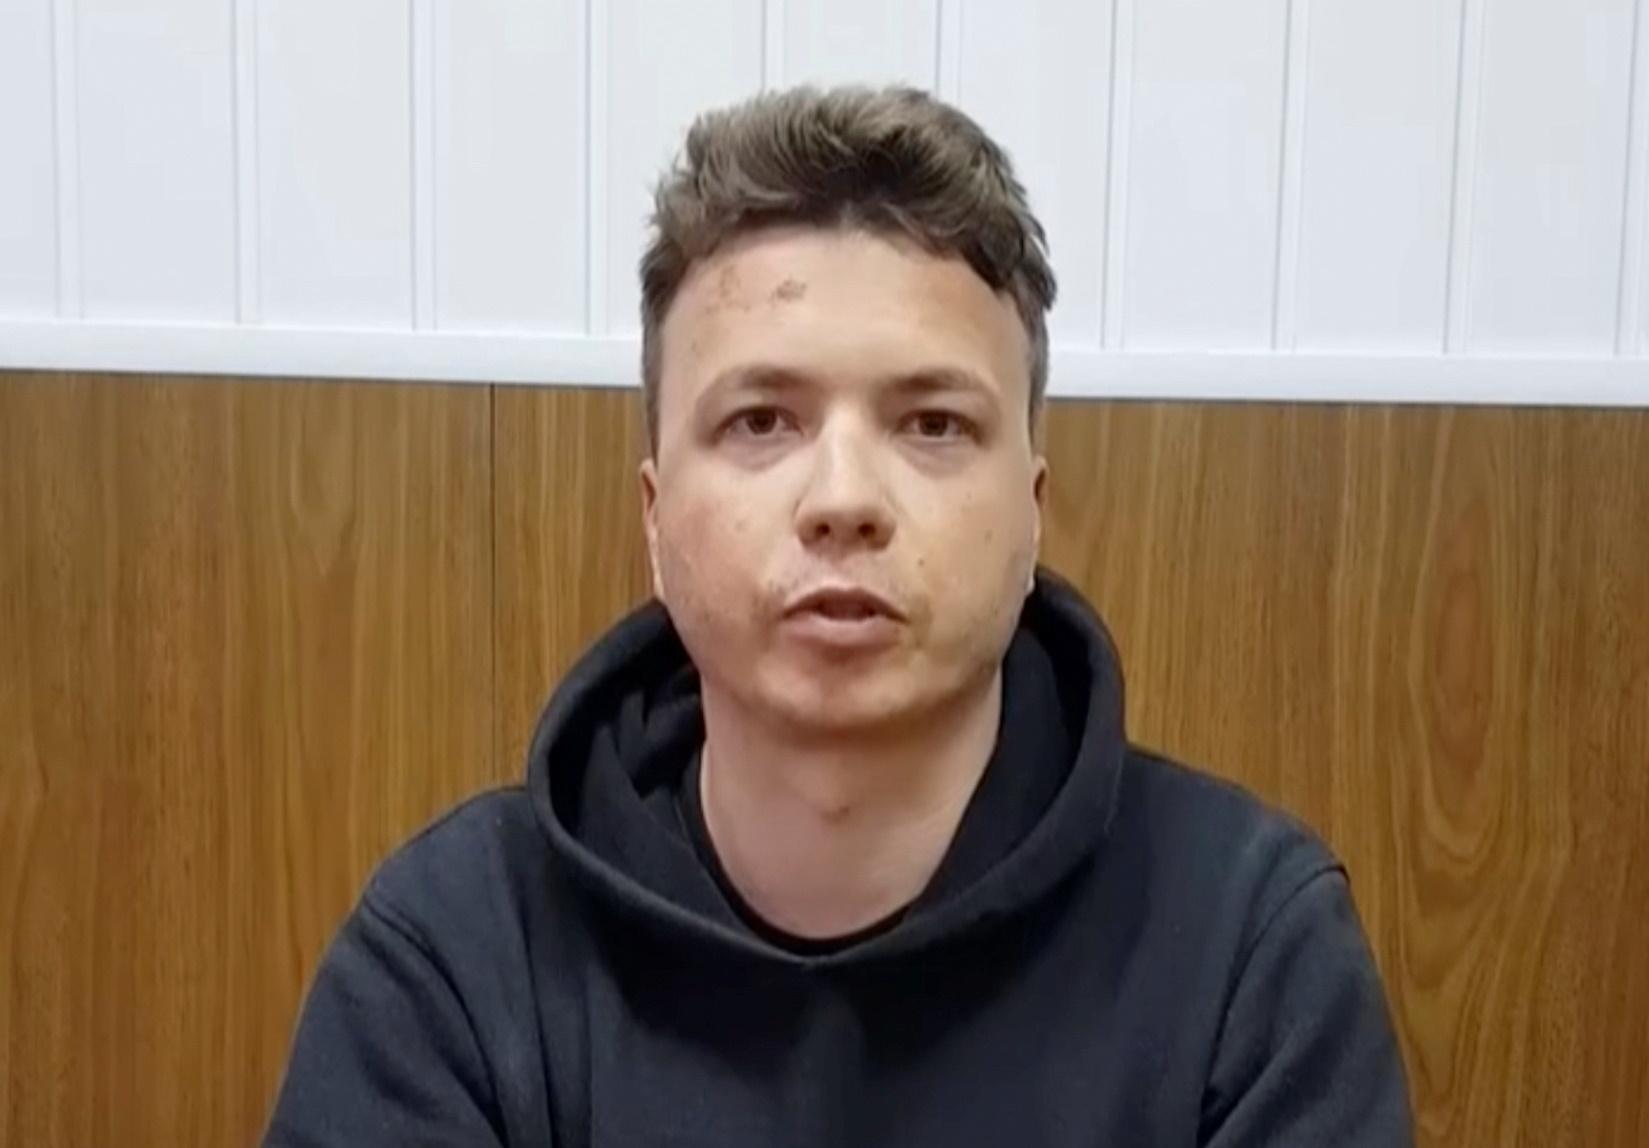 Λευκορωσία: Η αρχηγός της αντιπολίτευσης θεωρεί ότι ο δημοσιογράφος Ρ. Προτασέβιτς βασανίστηκε